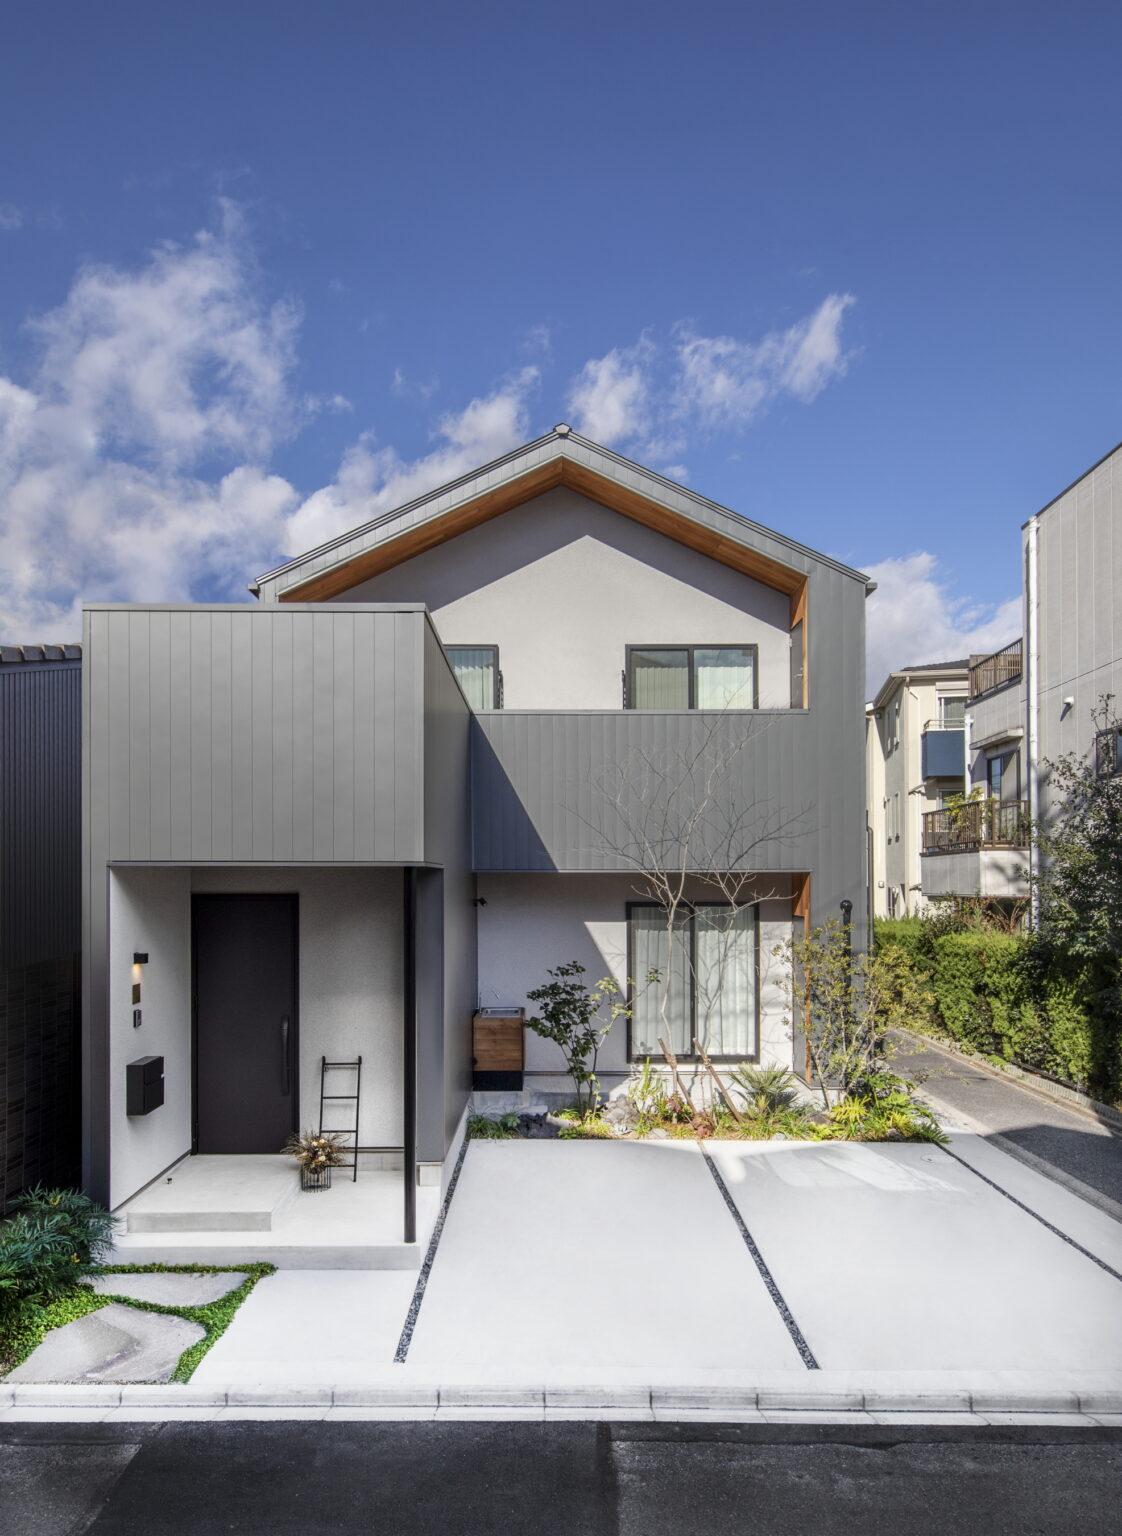 住宅外観のトレス画像